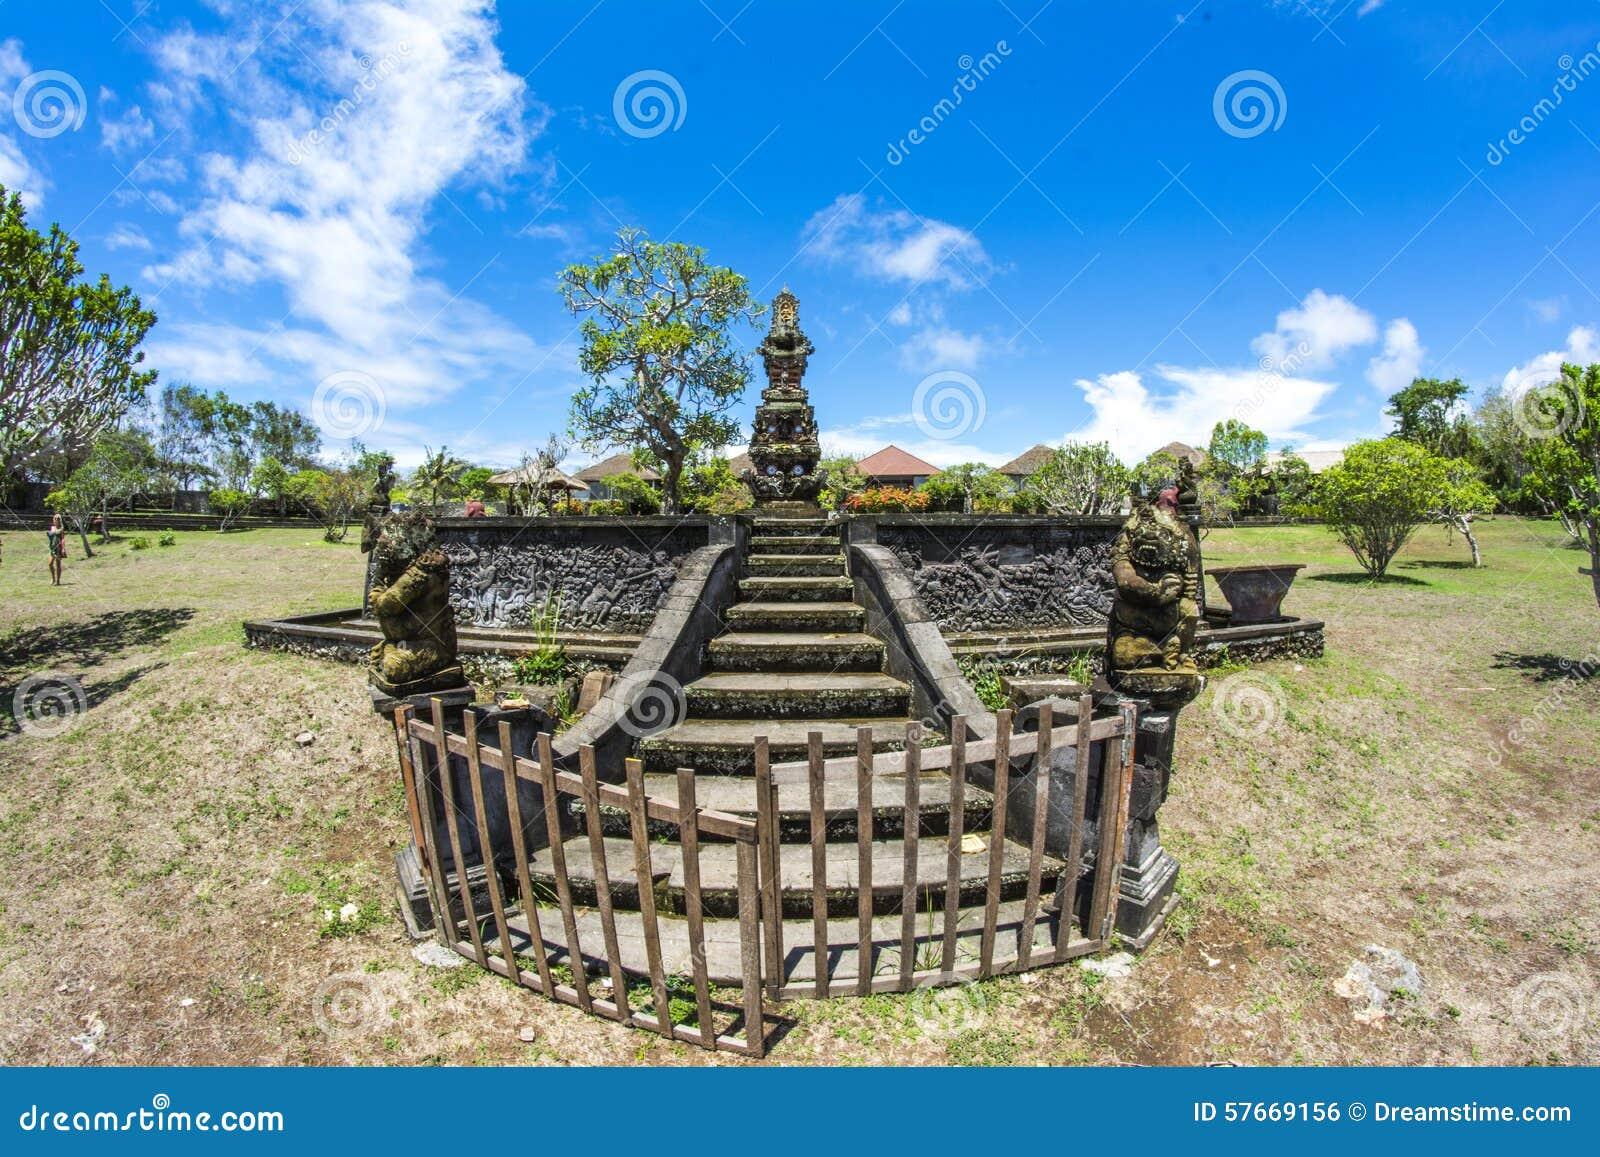 Bali Indonesia udziału tanah świątynia